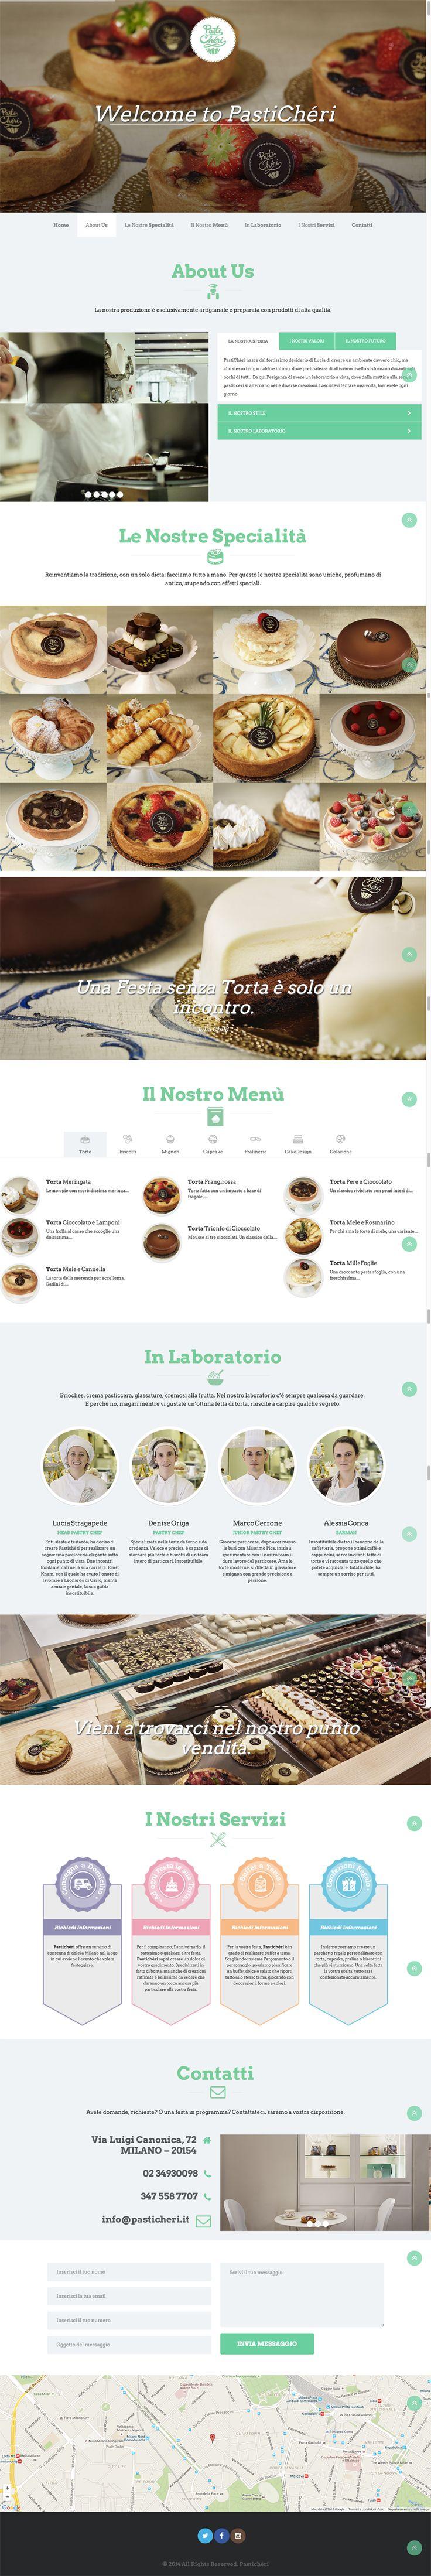 Sito web di presentazione per PastiChéri - Milano - HomePage - Realizzato con Wordpress- Anno 2015